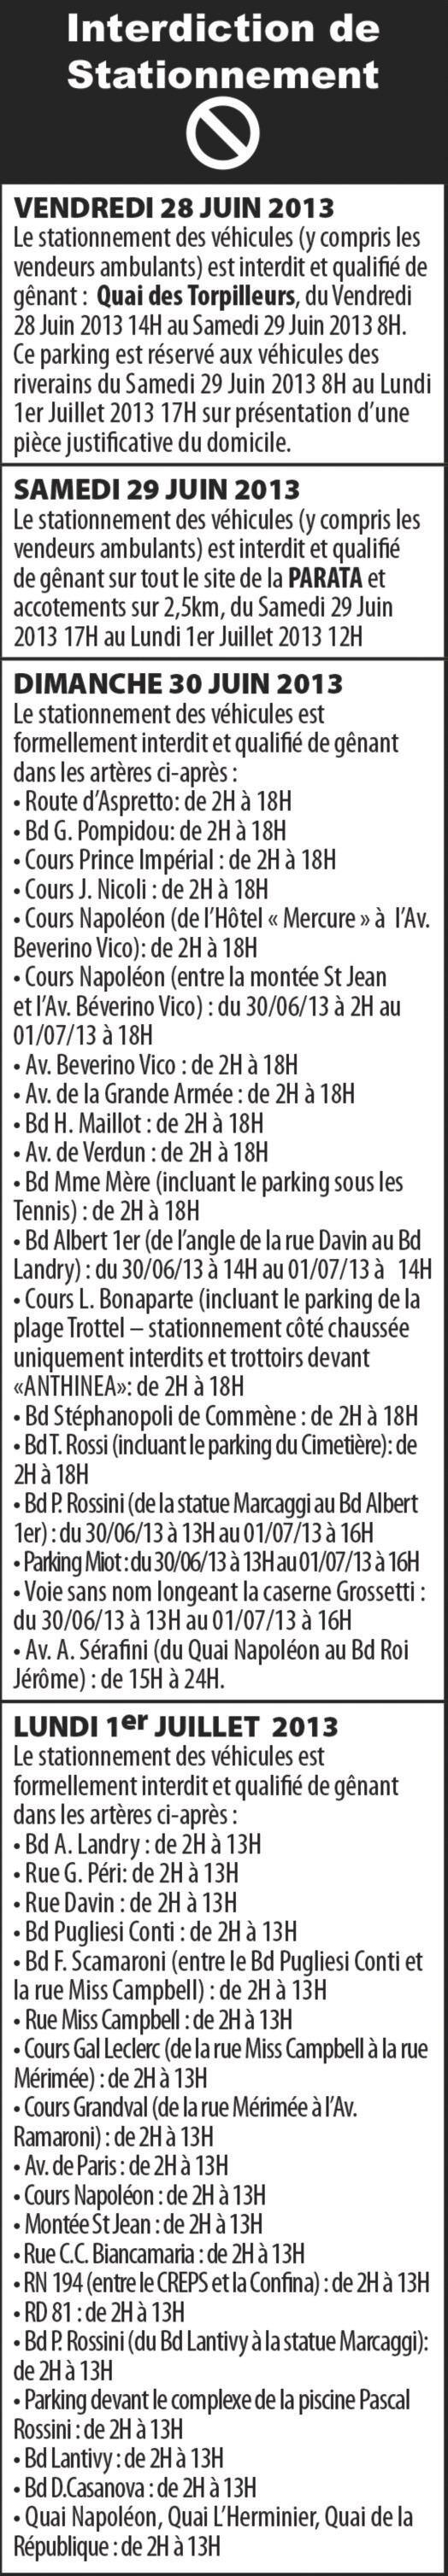 Le Tour de France à Ajaccio : Stationnement et circulation réglementés